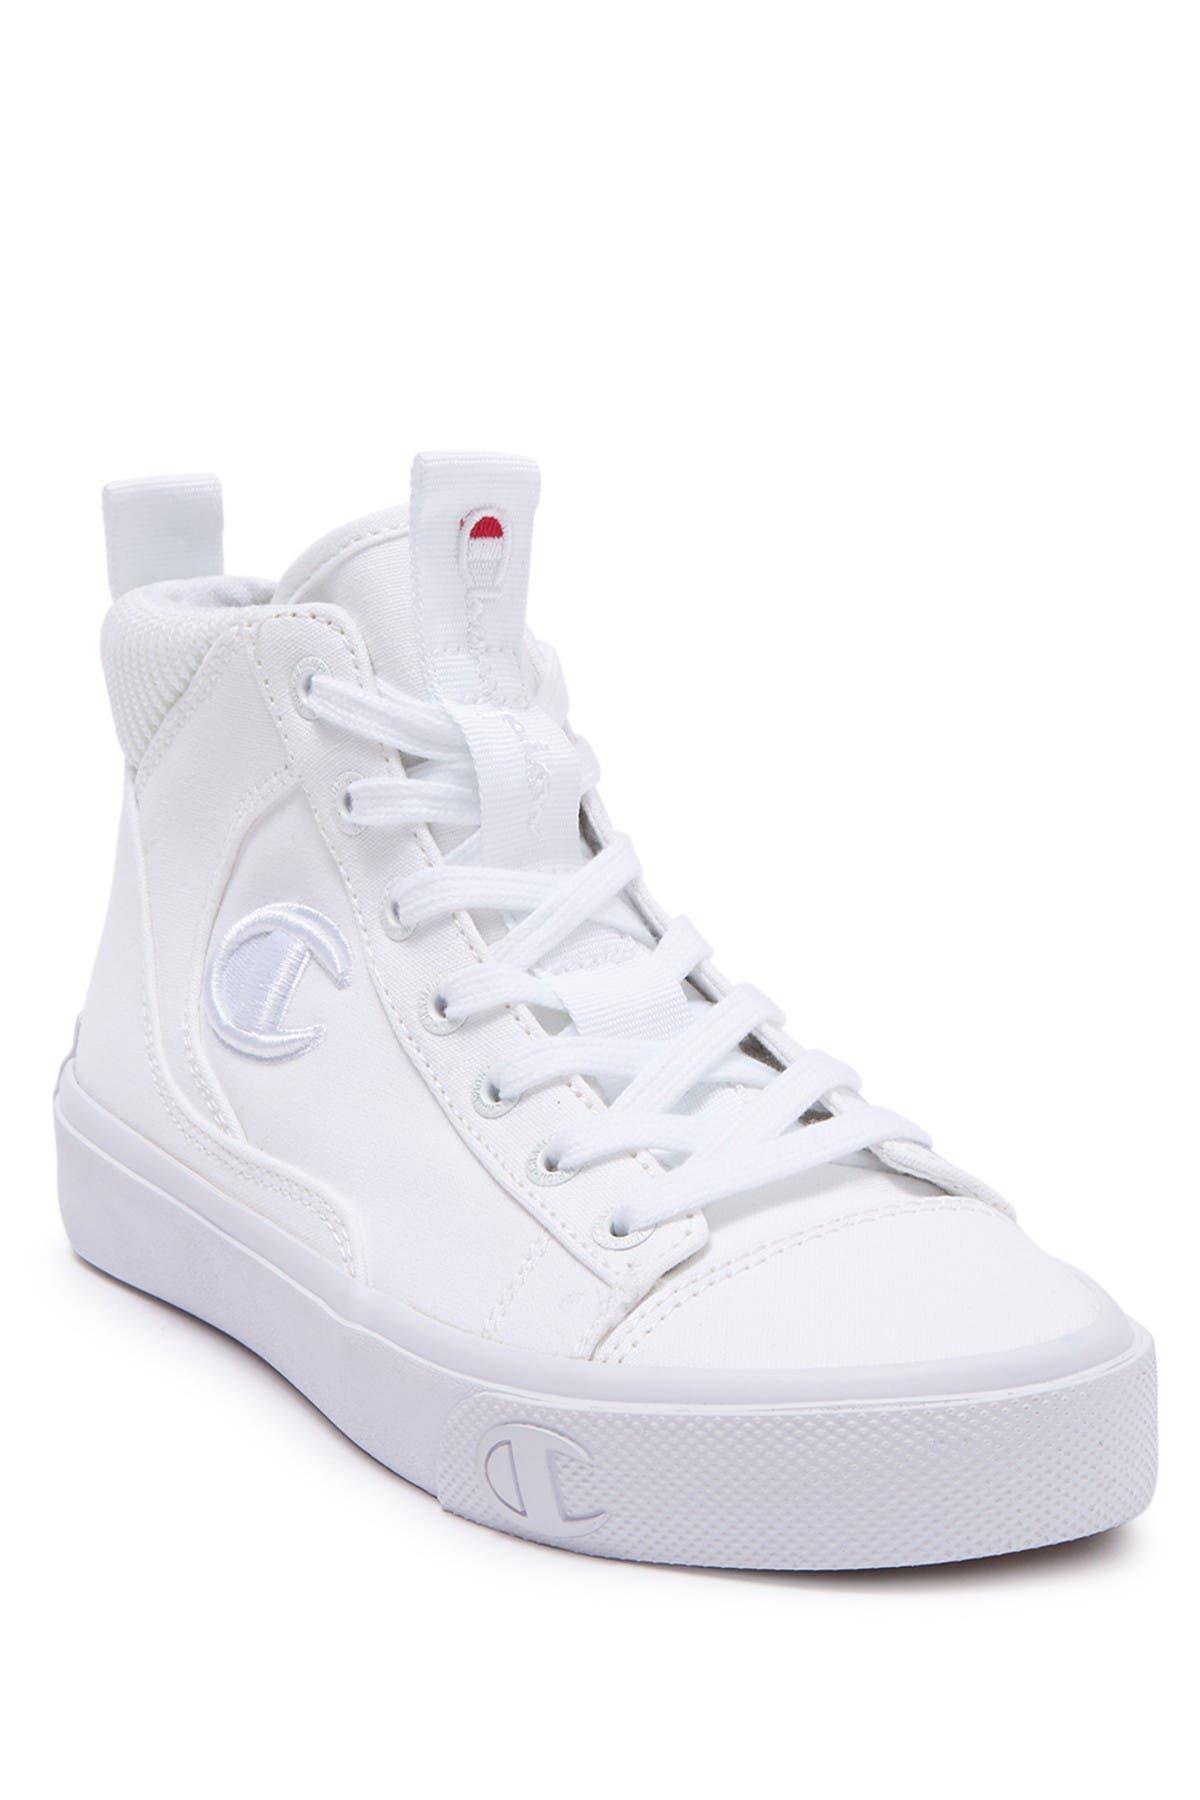 Image of Champion Gem Hi Top Classic Sneaker